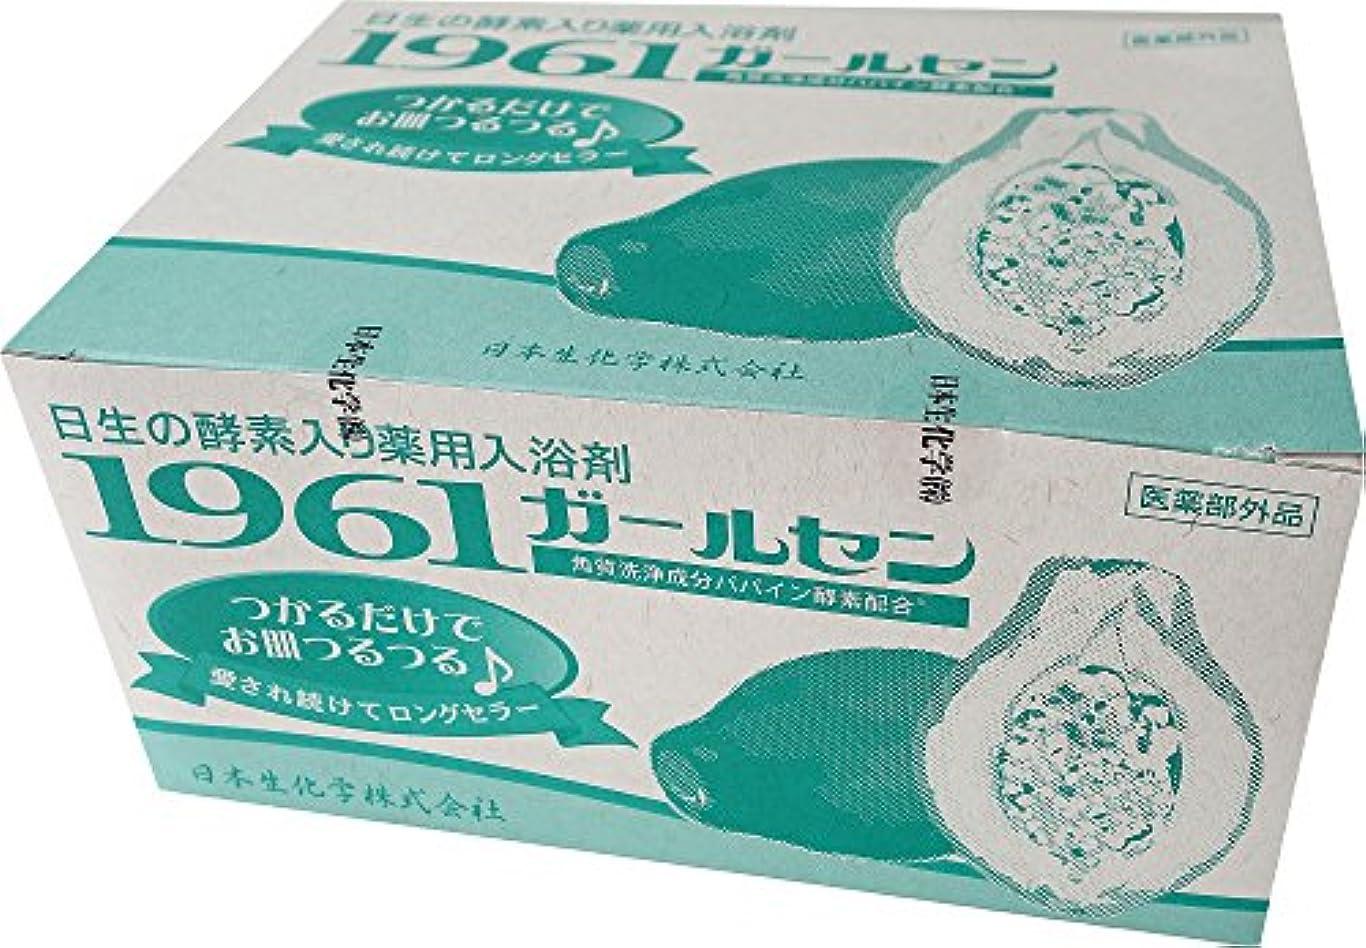 資金典型的な恒久的パパイン酵素配合 薬用入浴剤 1961ガールセン 60包 [医薬部外品]